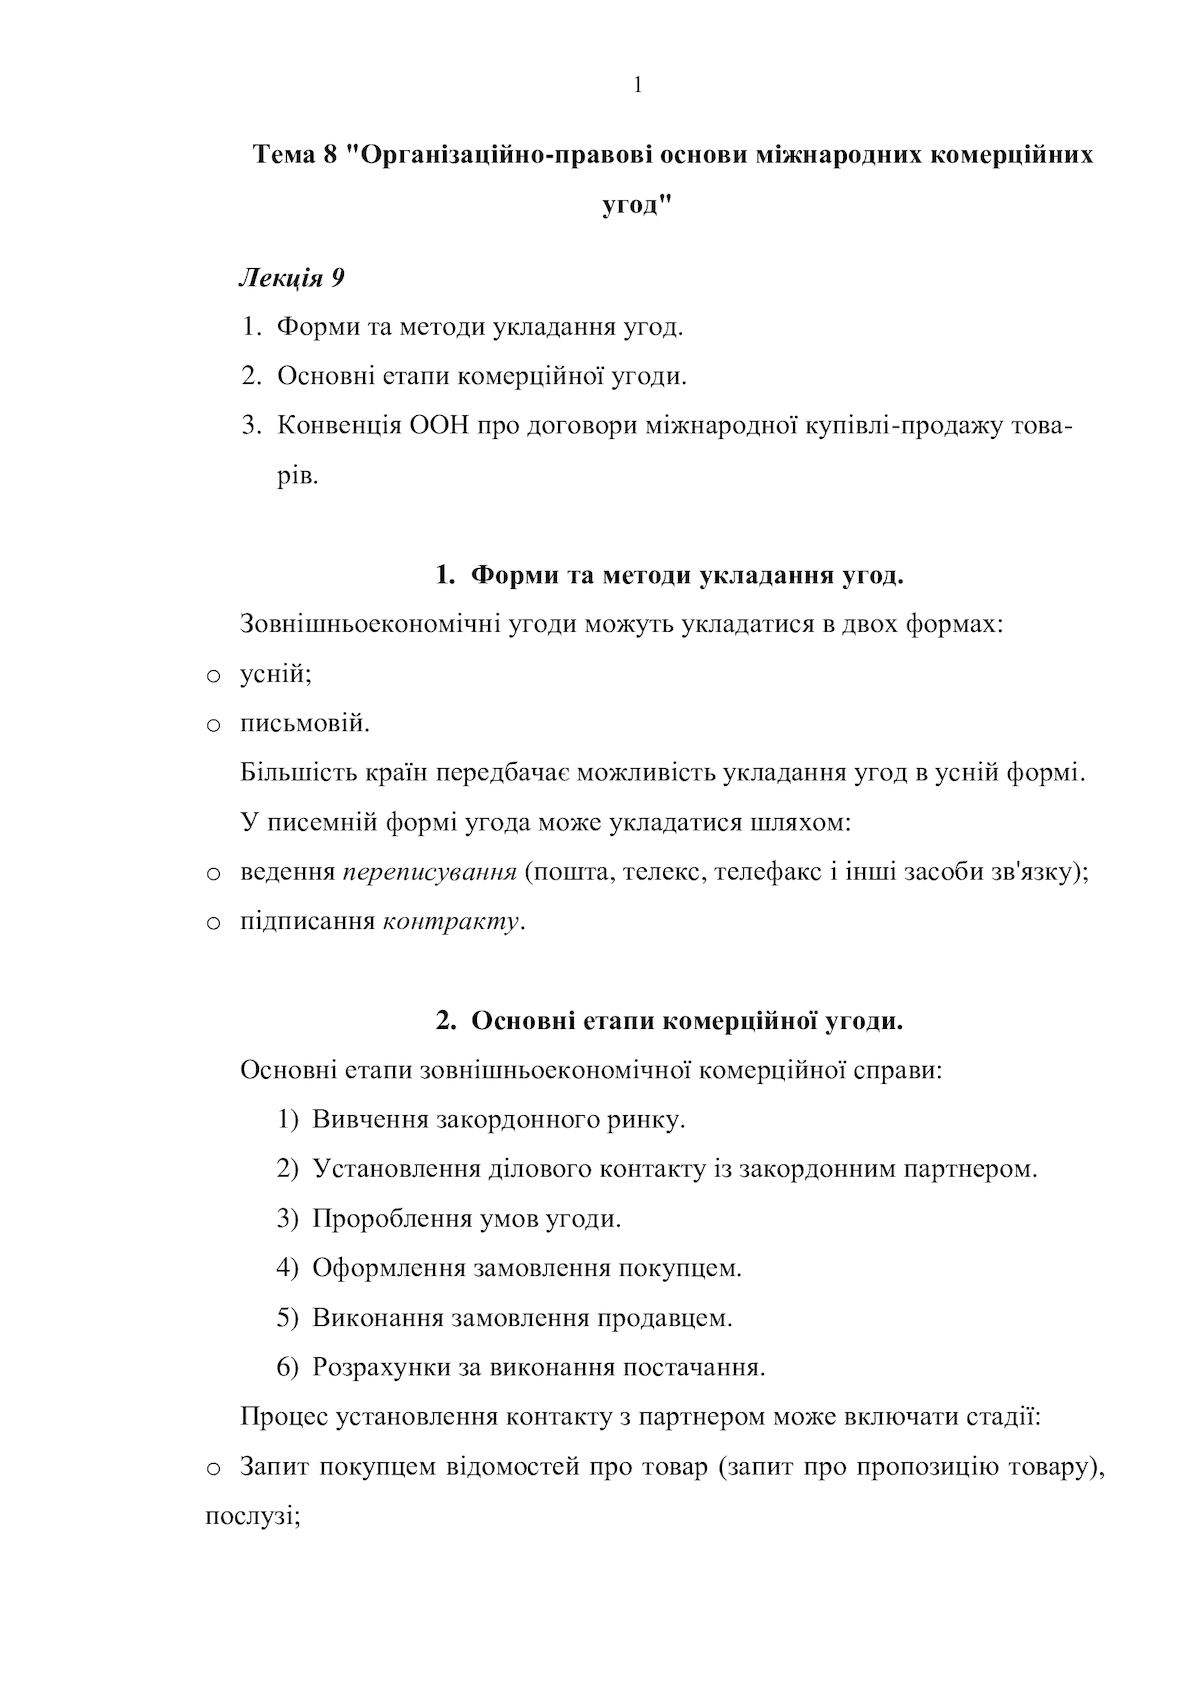 """Лекція 9 """"Організаційно-правові основи міжнародних комерційних угод"""""""